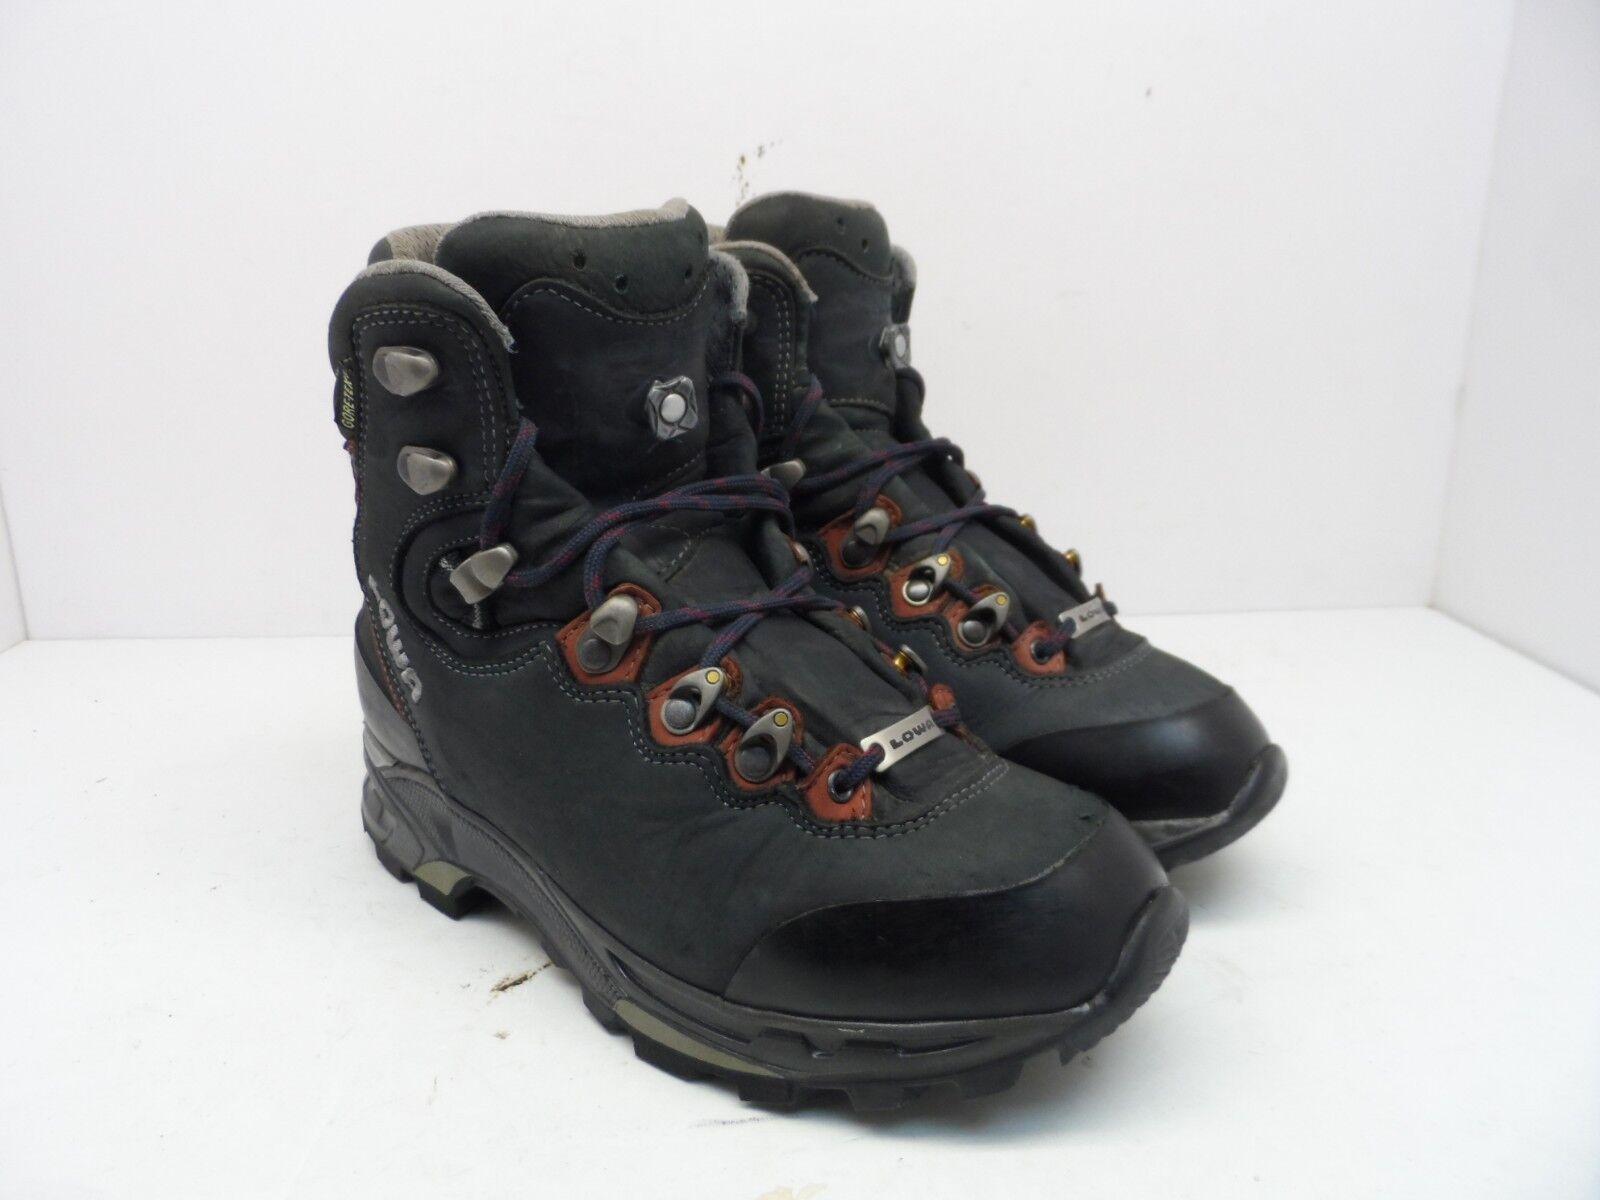 Lowa Lowa Lowa Women's Mauria GTX Flex WS Athletic Hiking Boot Navy Size 5.5M 4ef0ae